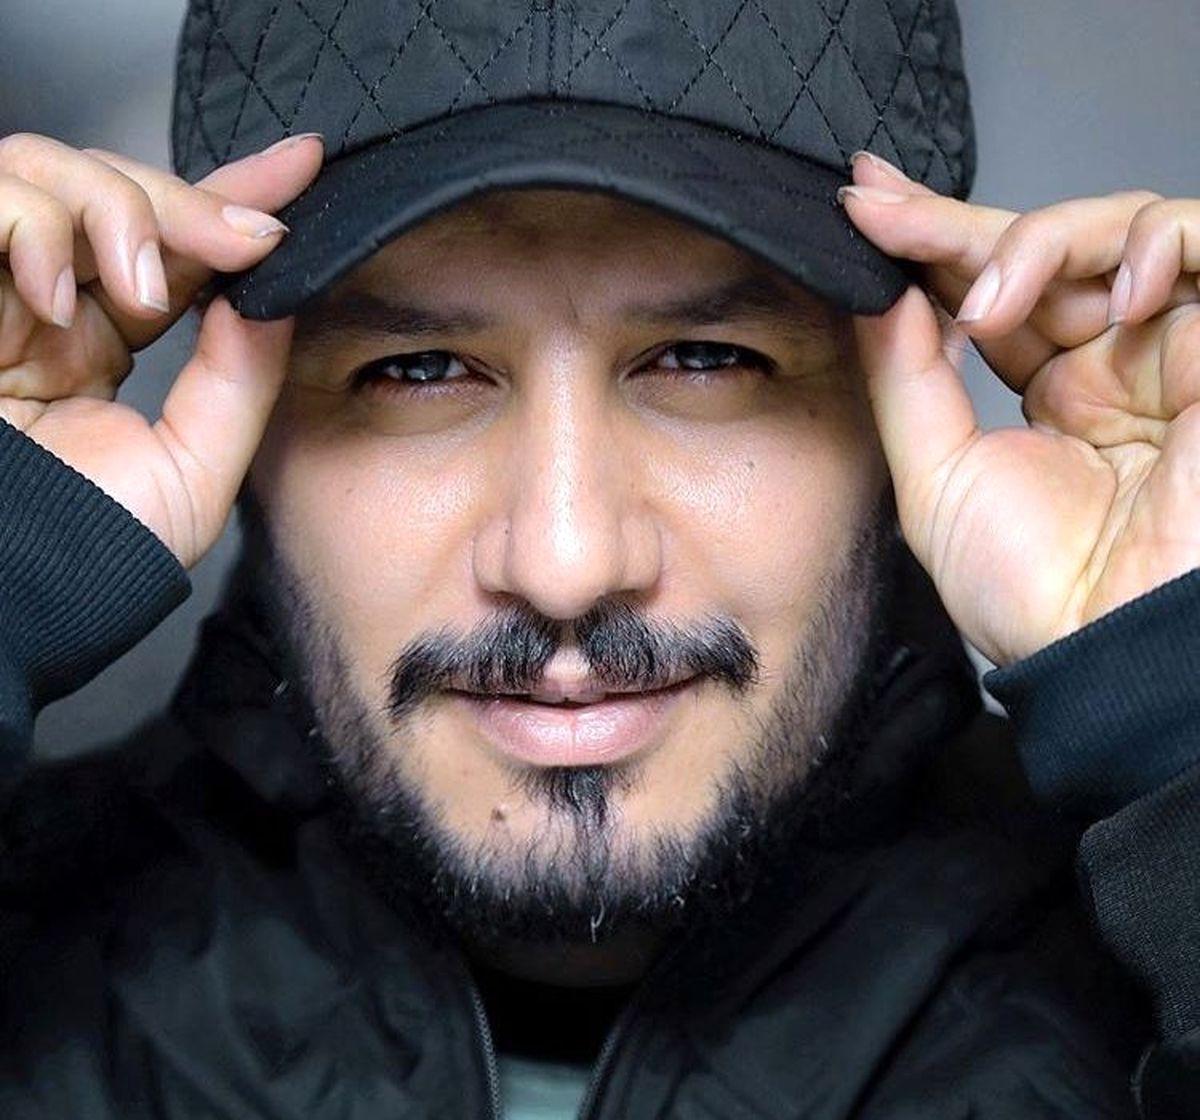 رقص جواد عزتی در جمع بازیگران | فیلم دیده نشده